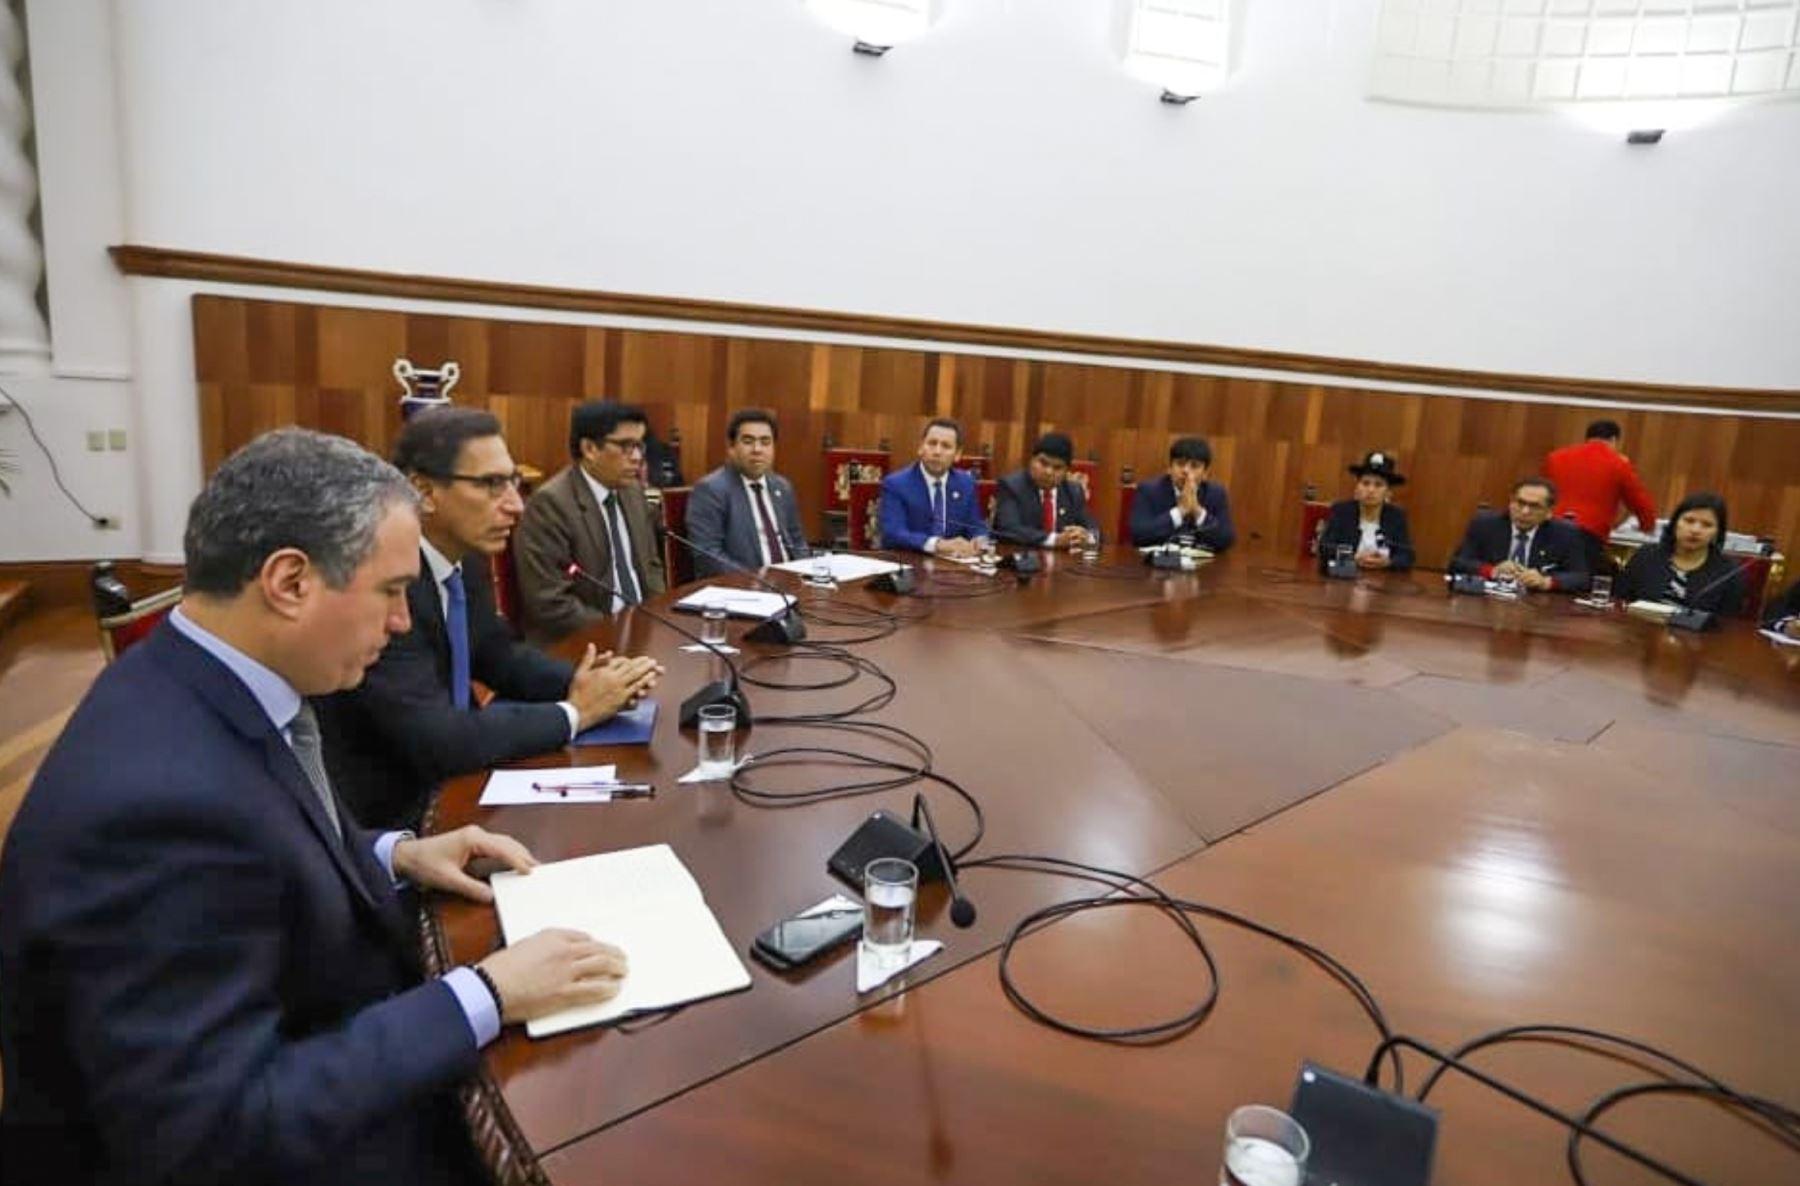 El presidente Martin Vizcarra, recibe a las bancadas del Congreso para dialogar sobre el proyecto de adelanto de elecciones. Foto: ANDINA/Prensa Presidencia